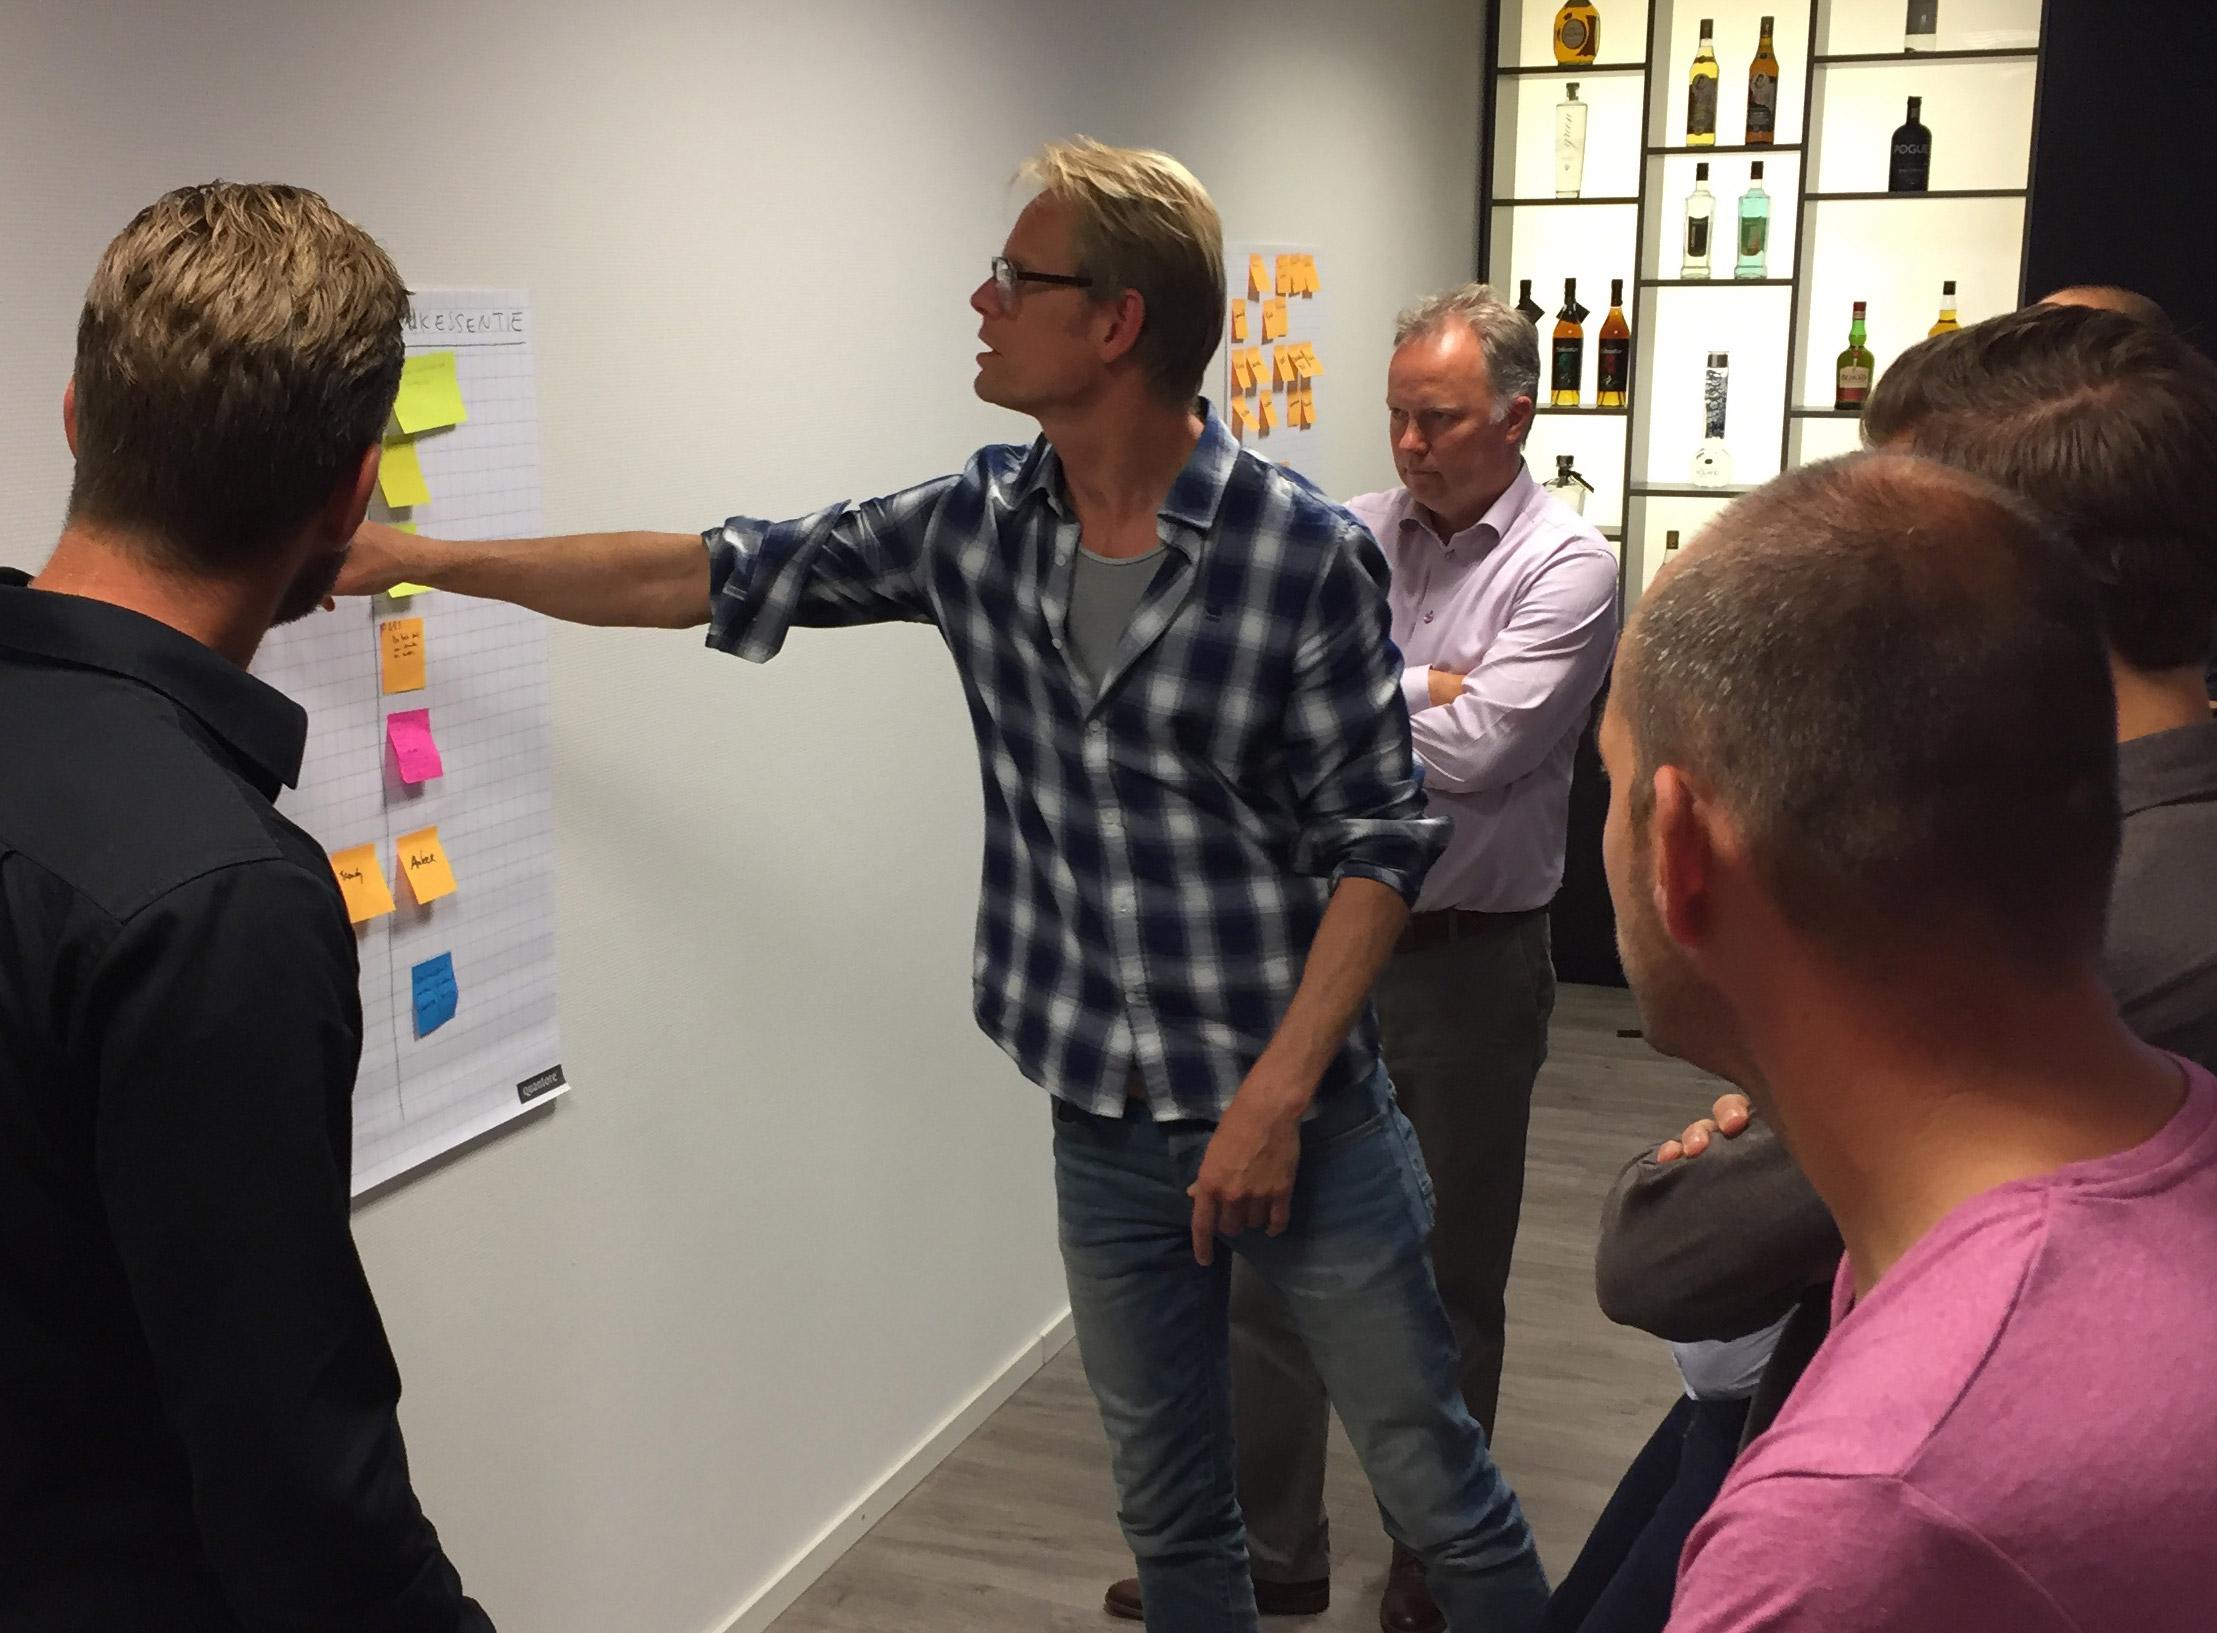 Anker-brainstorm